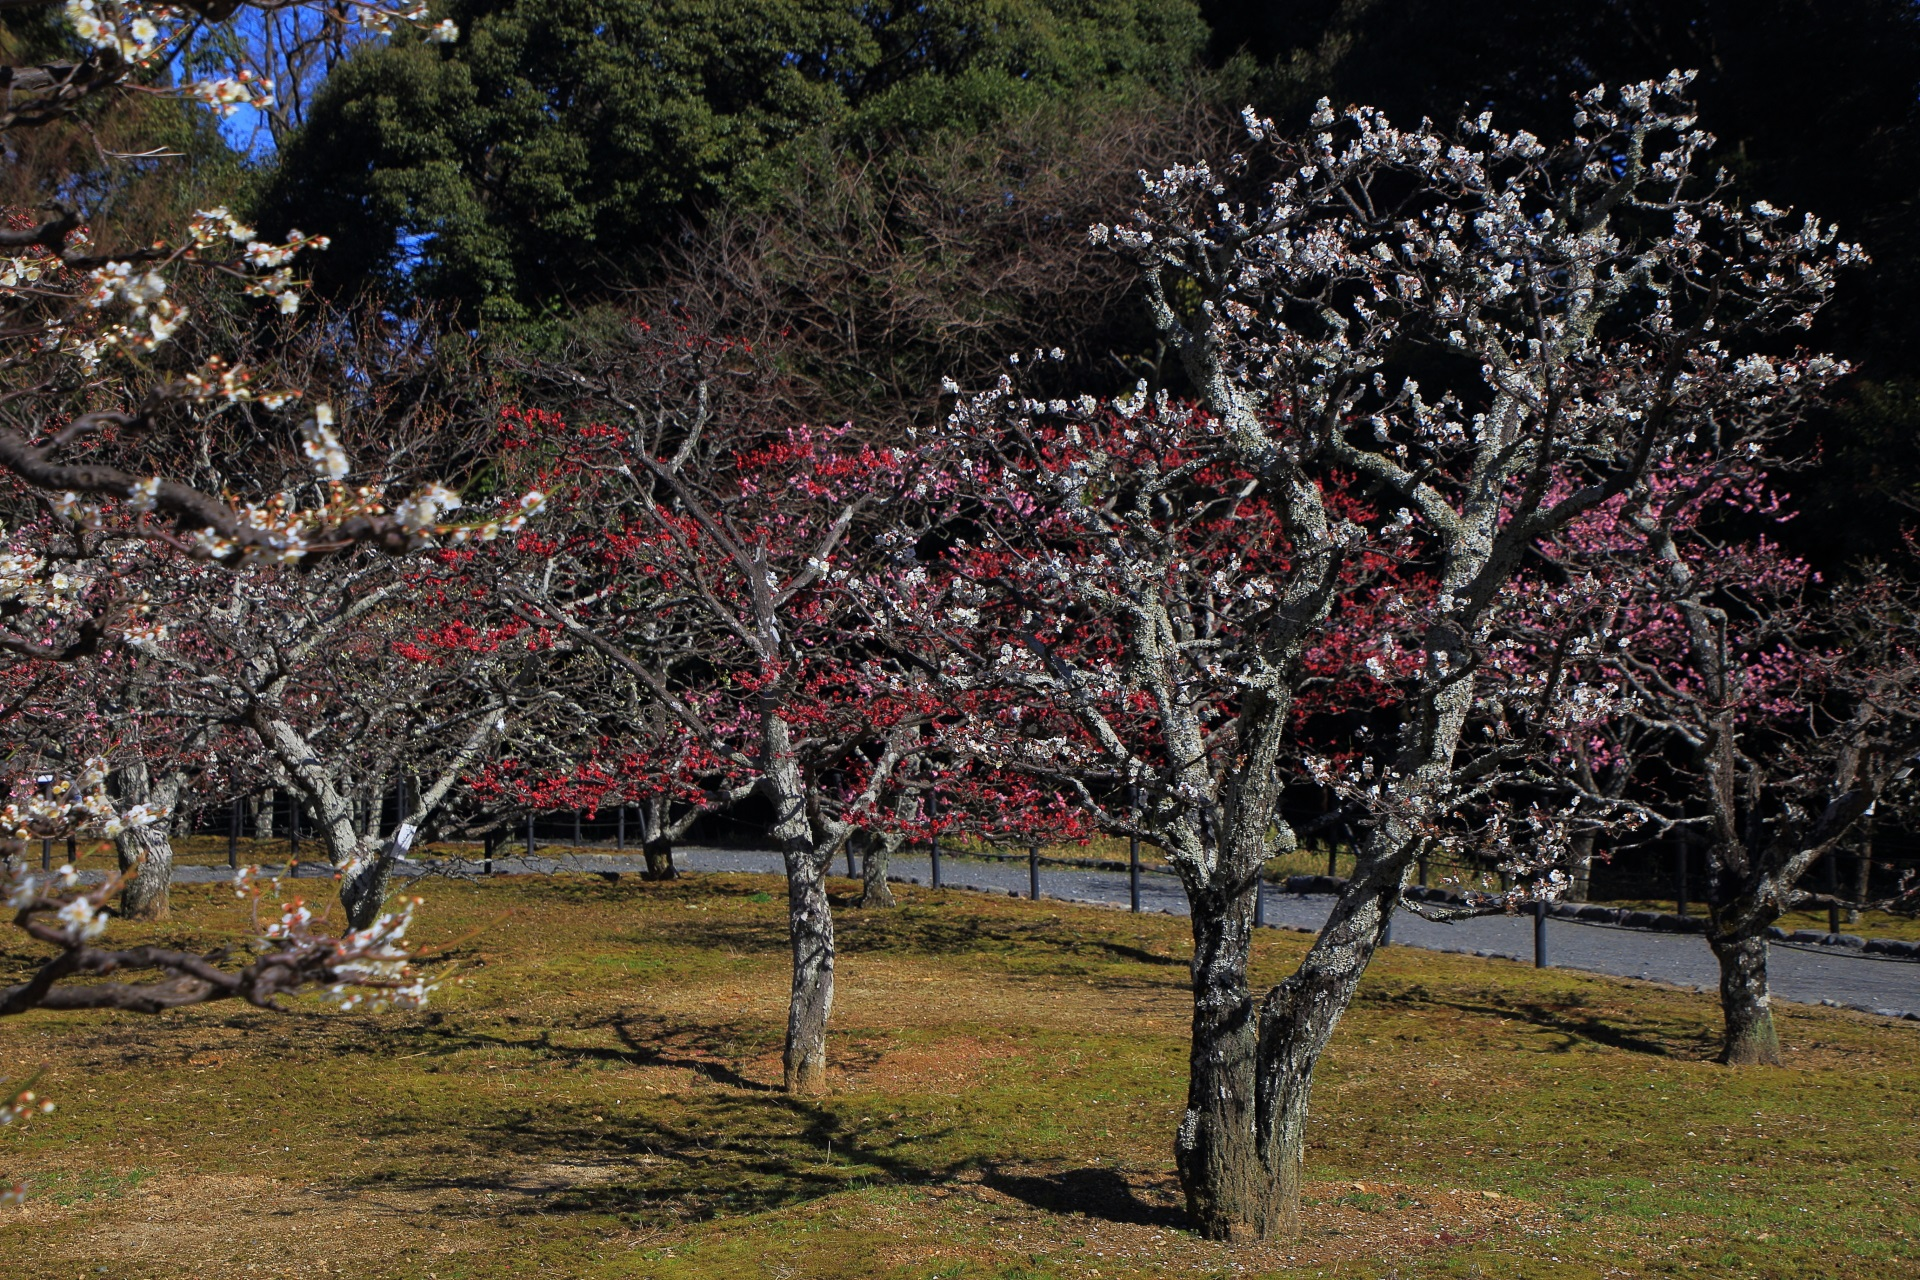 長岡天満宮の本殿の奥の方にある長岡公園の梅林